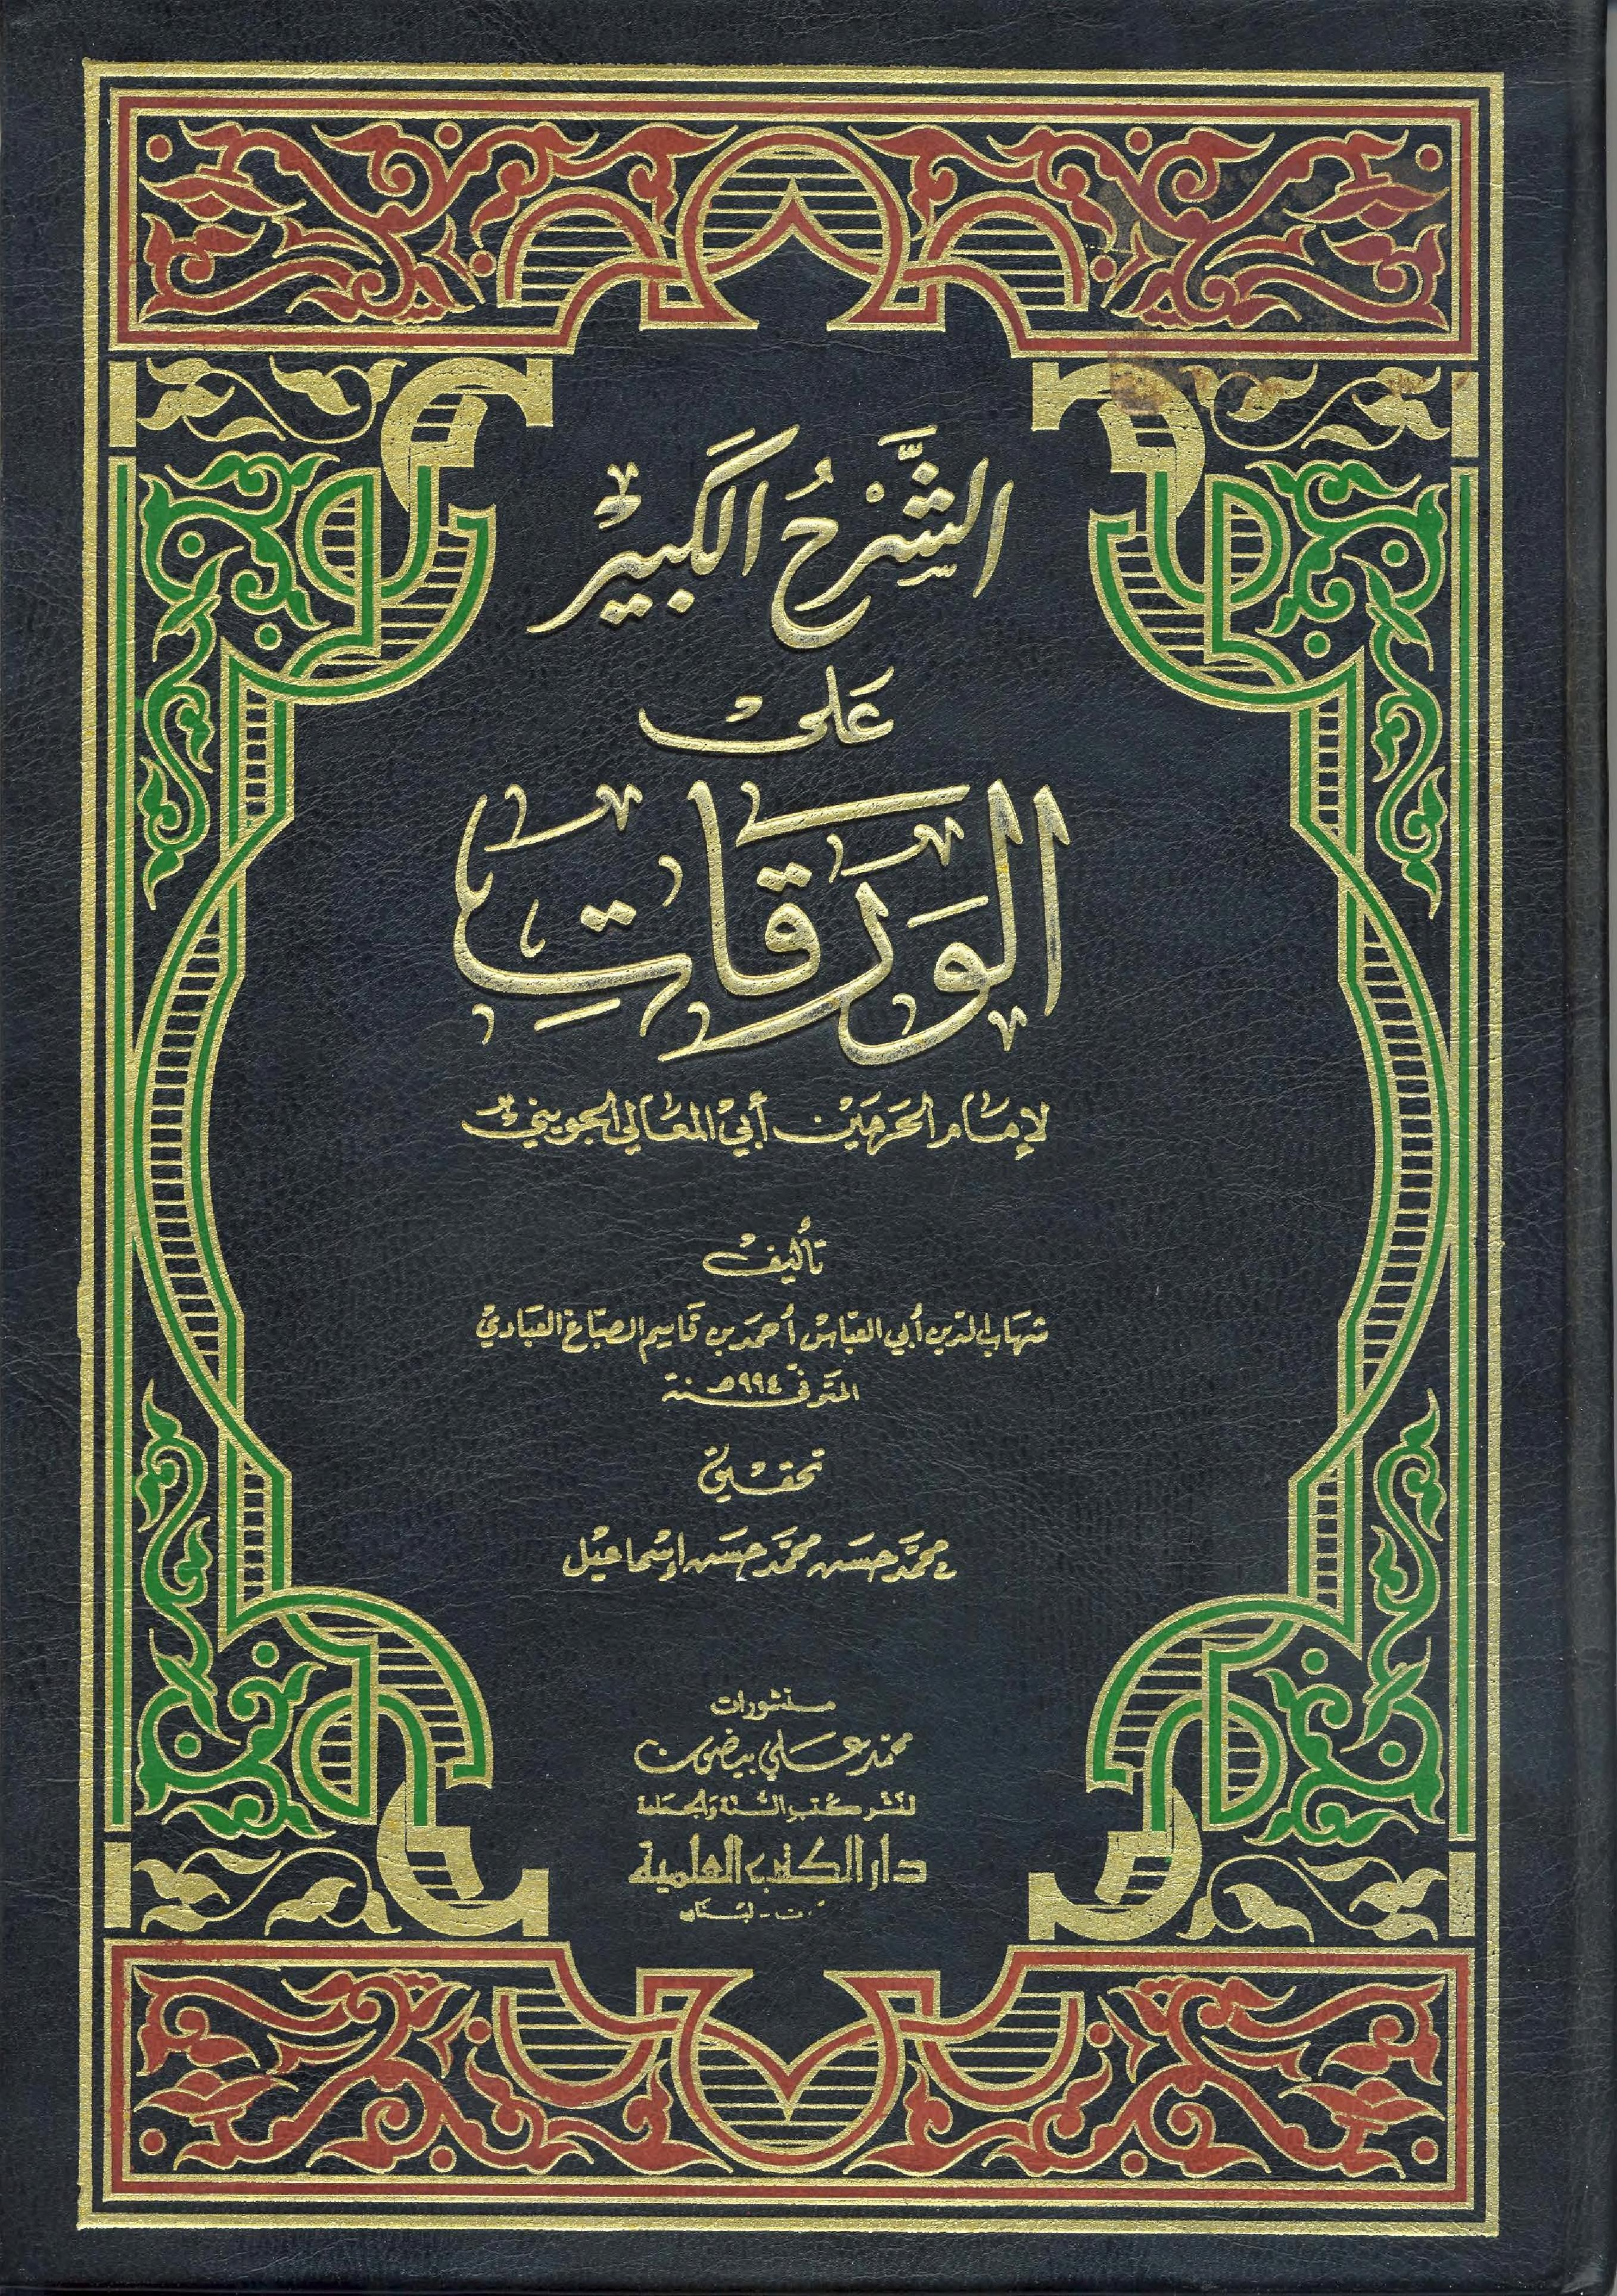 كتب في العقيدة الأشعرية Matnawi Free Download Borrow And Streaming Internet Archive Arabic Books Chalkboard Quote Art Books